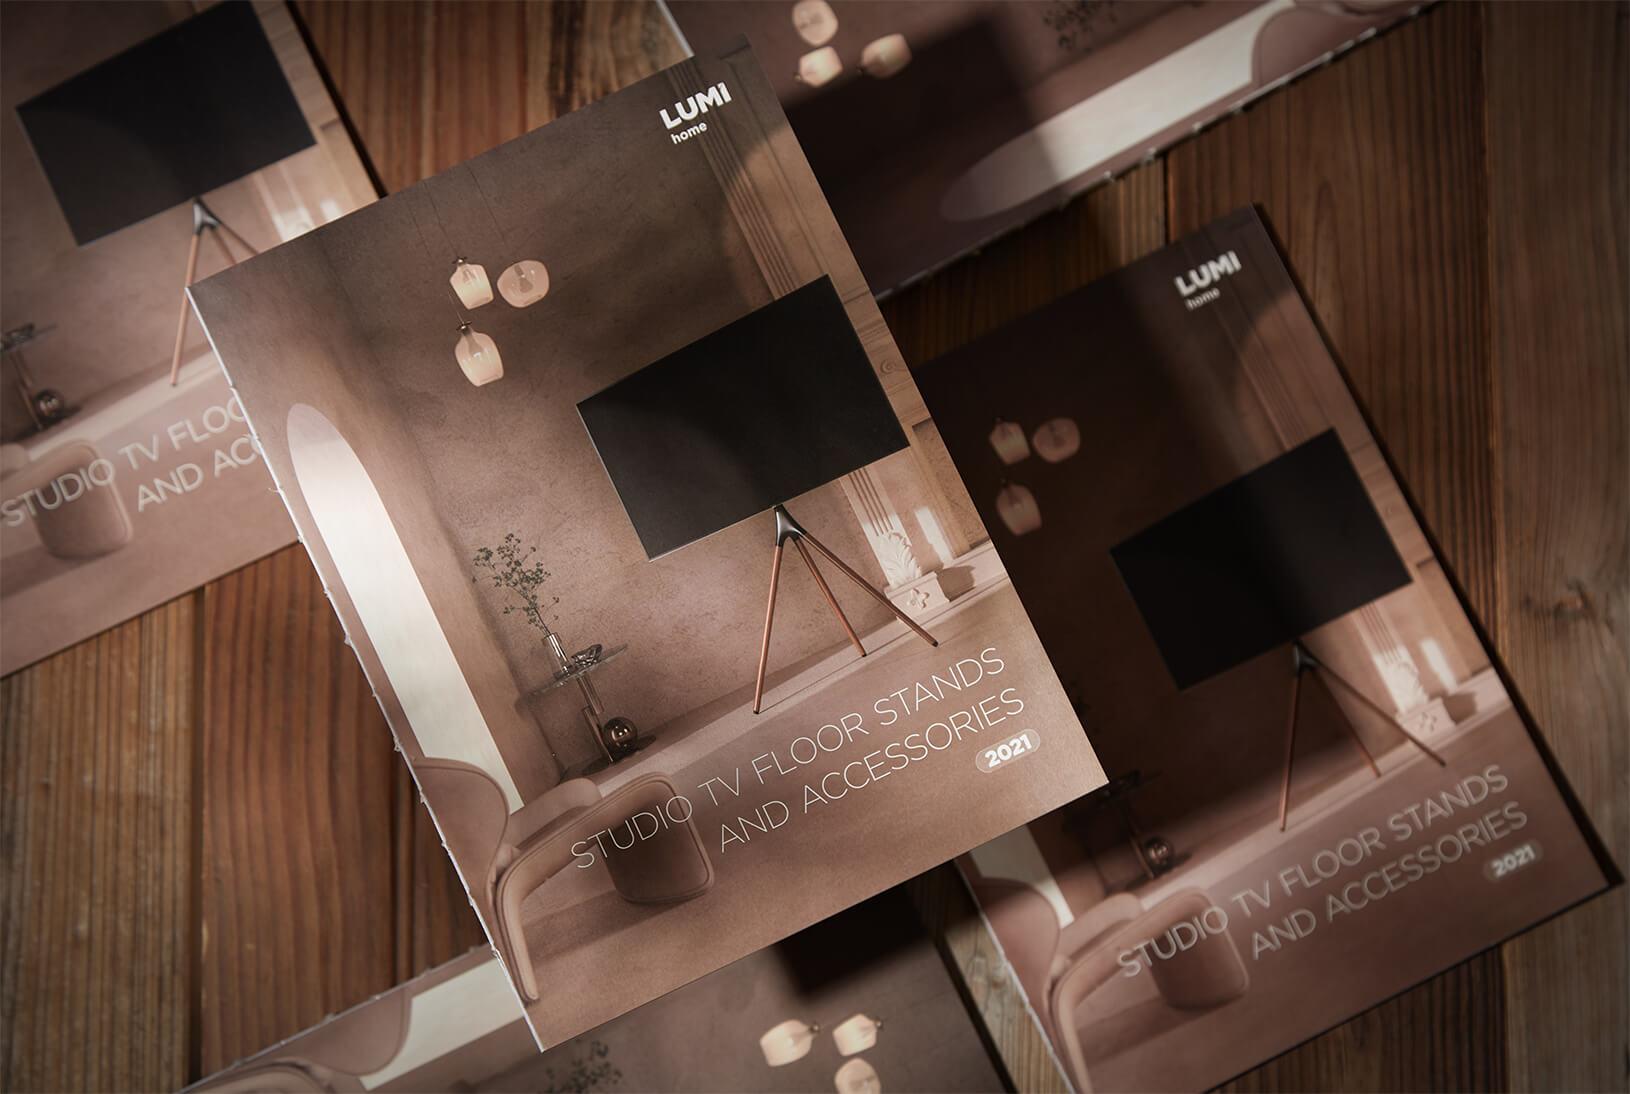 Studio TV Floor Stands And Accessories Catalog